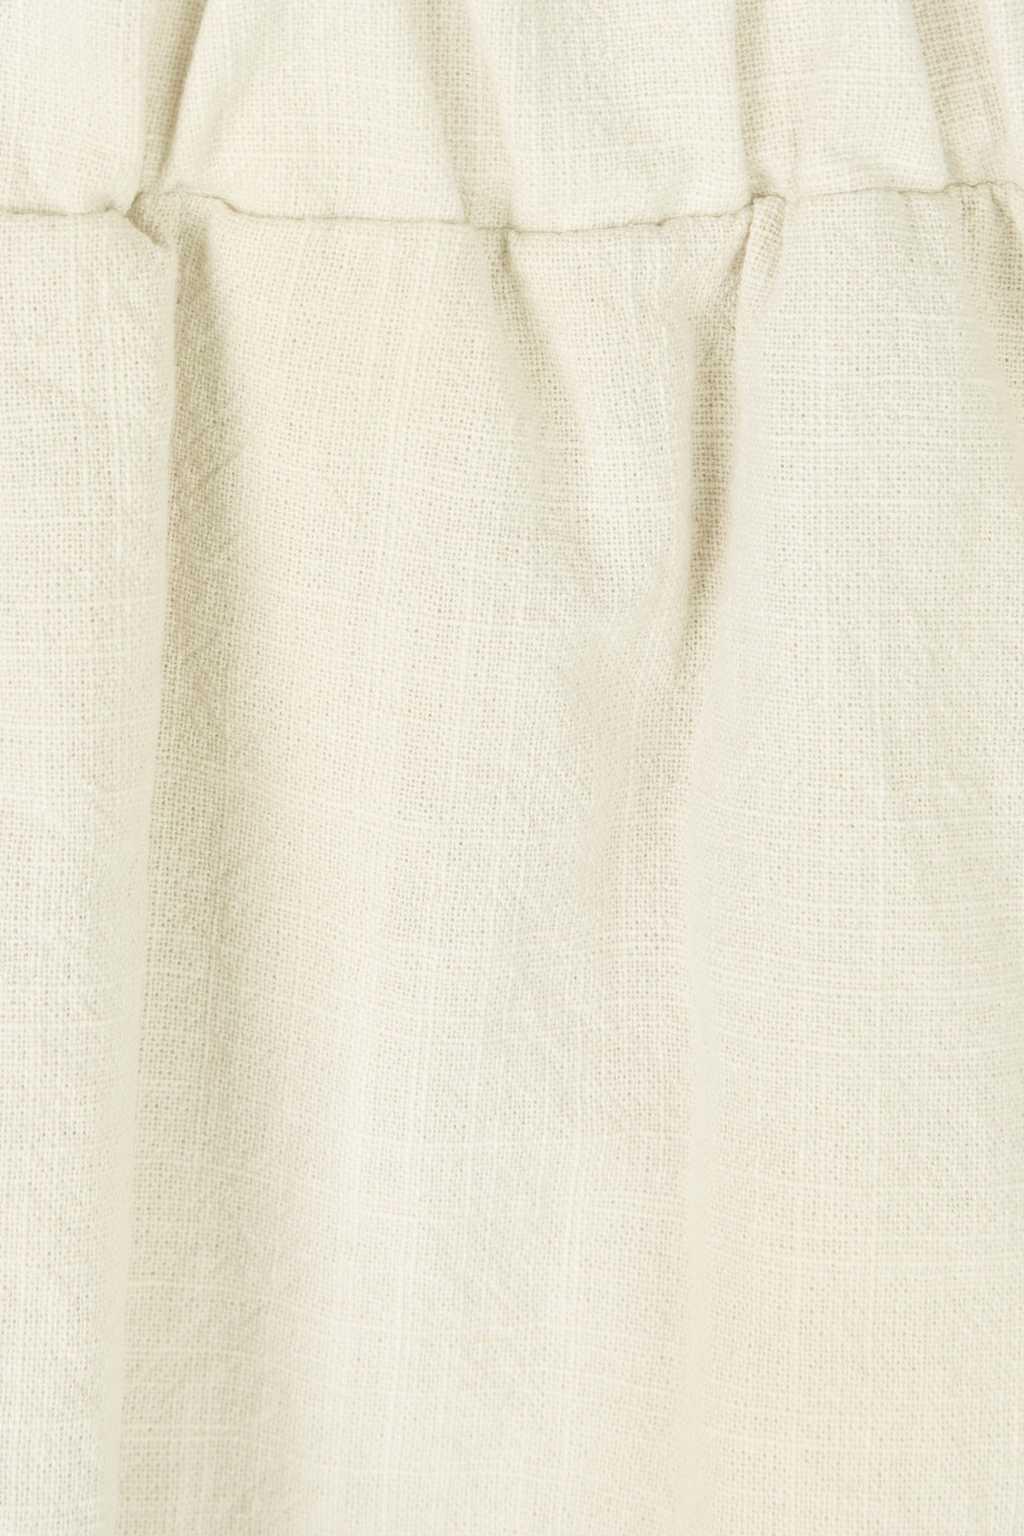 Skirt K020 Beige 6